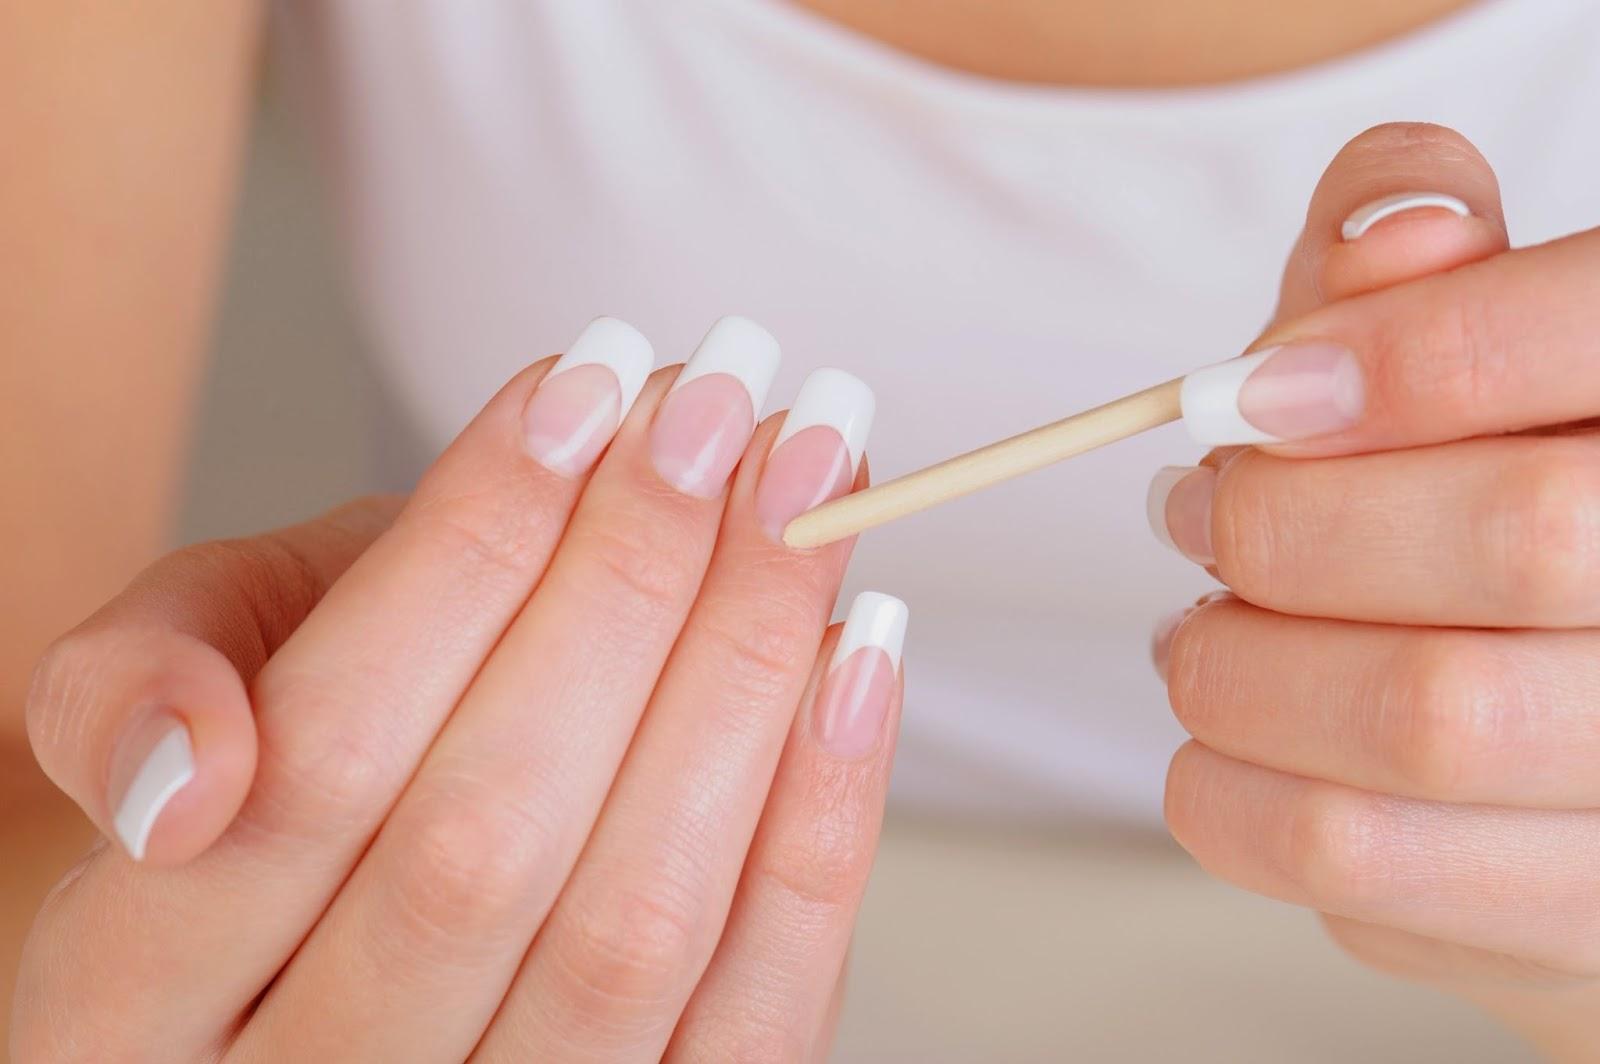 5 Công thức phục hồi móng hư tổn, đảm bảo móng tay ngay lập tức khoẻ mạnh hơn!